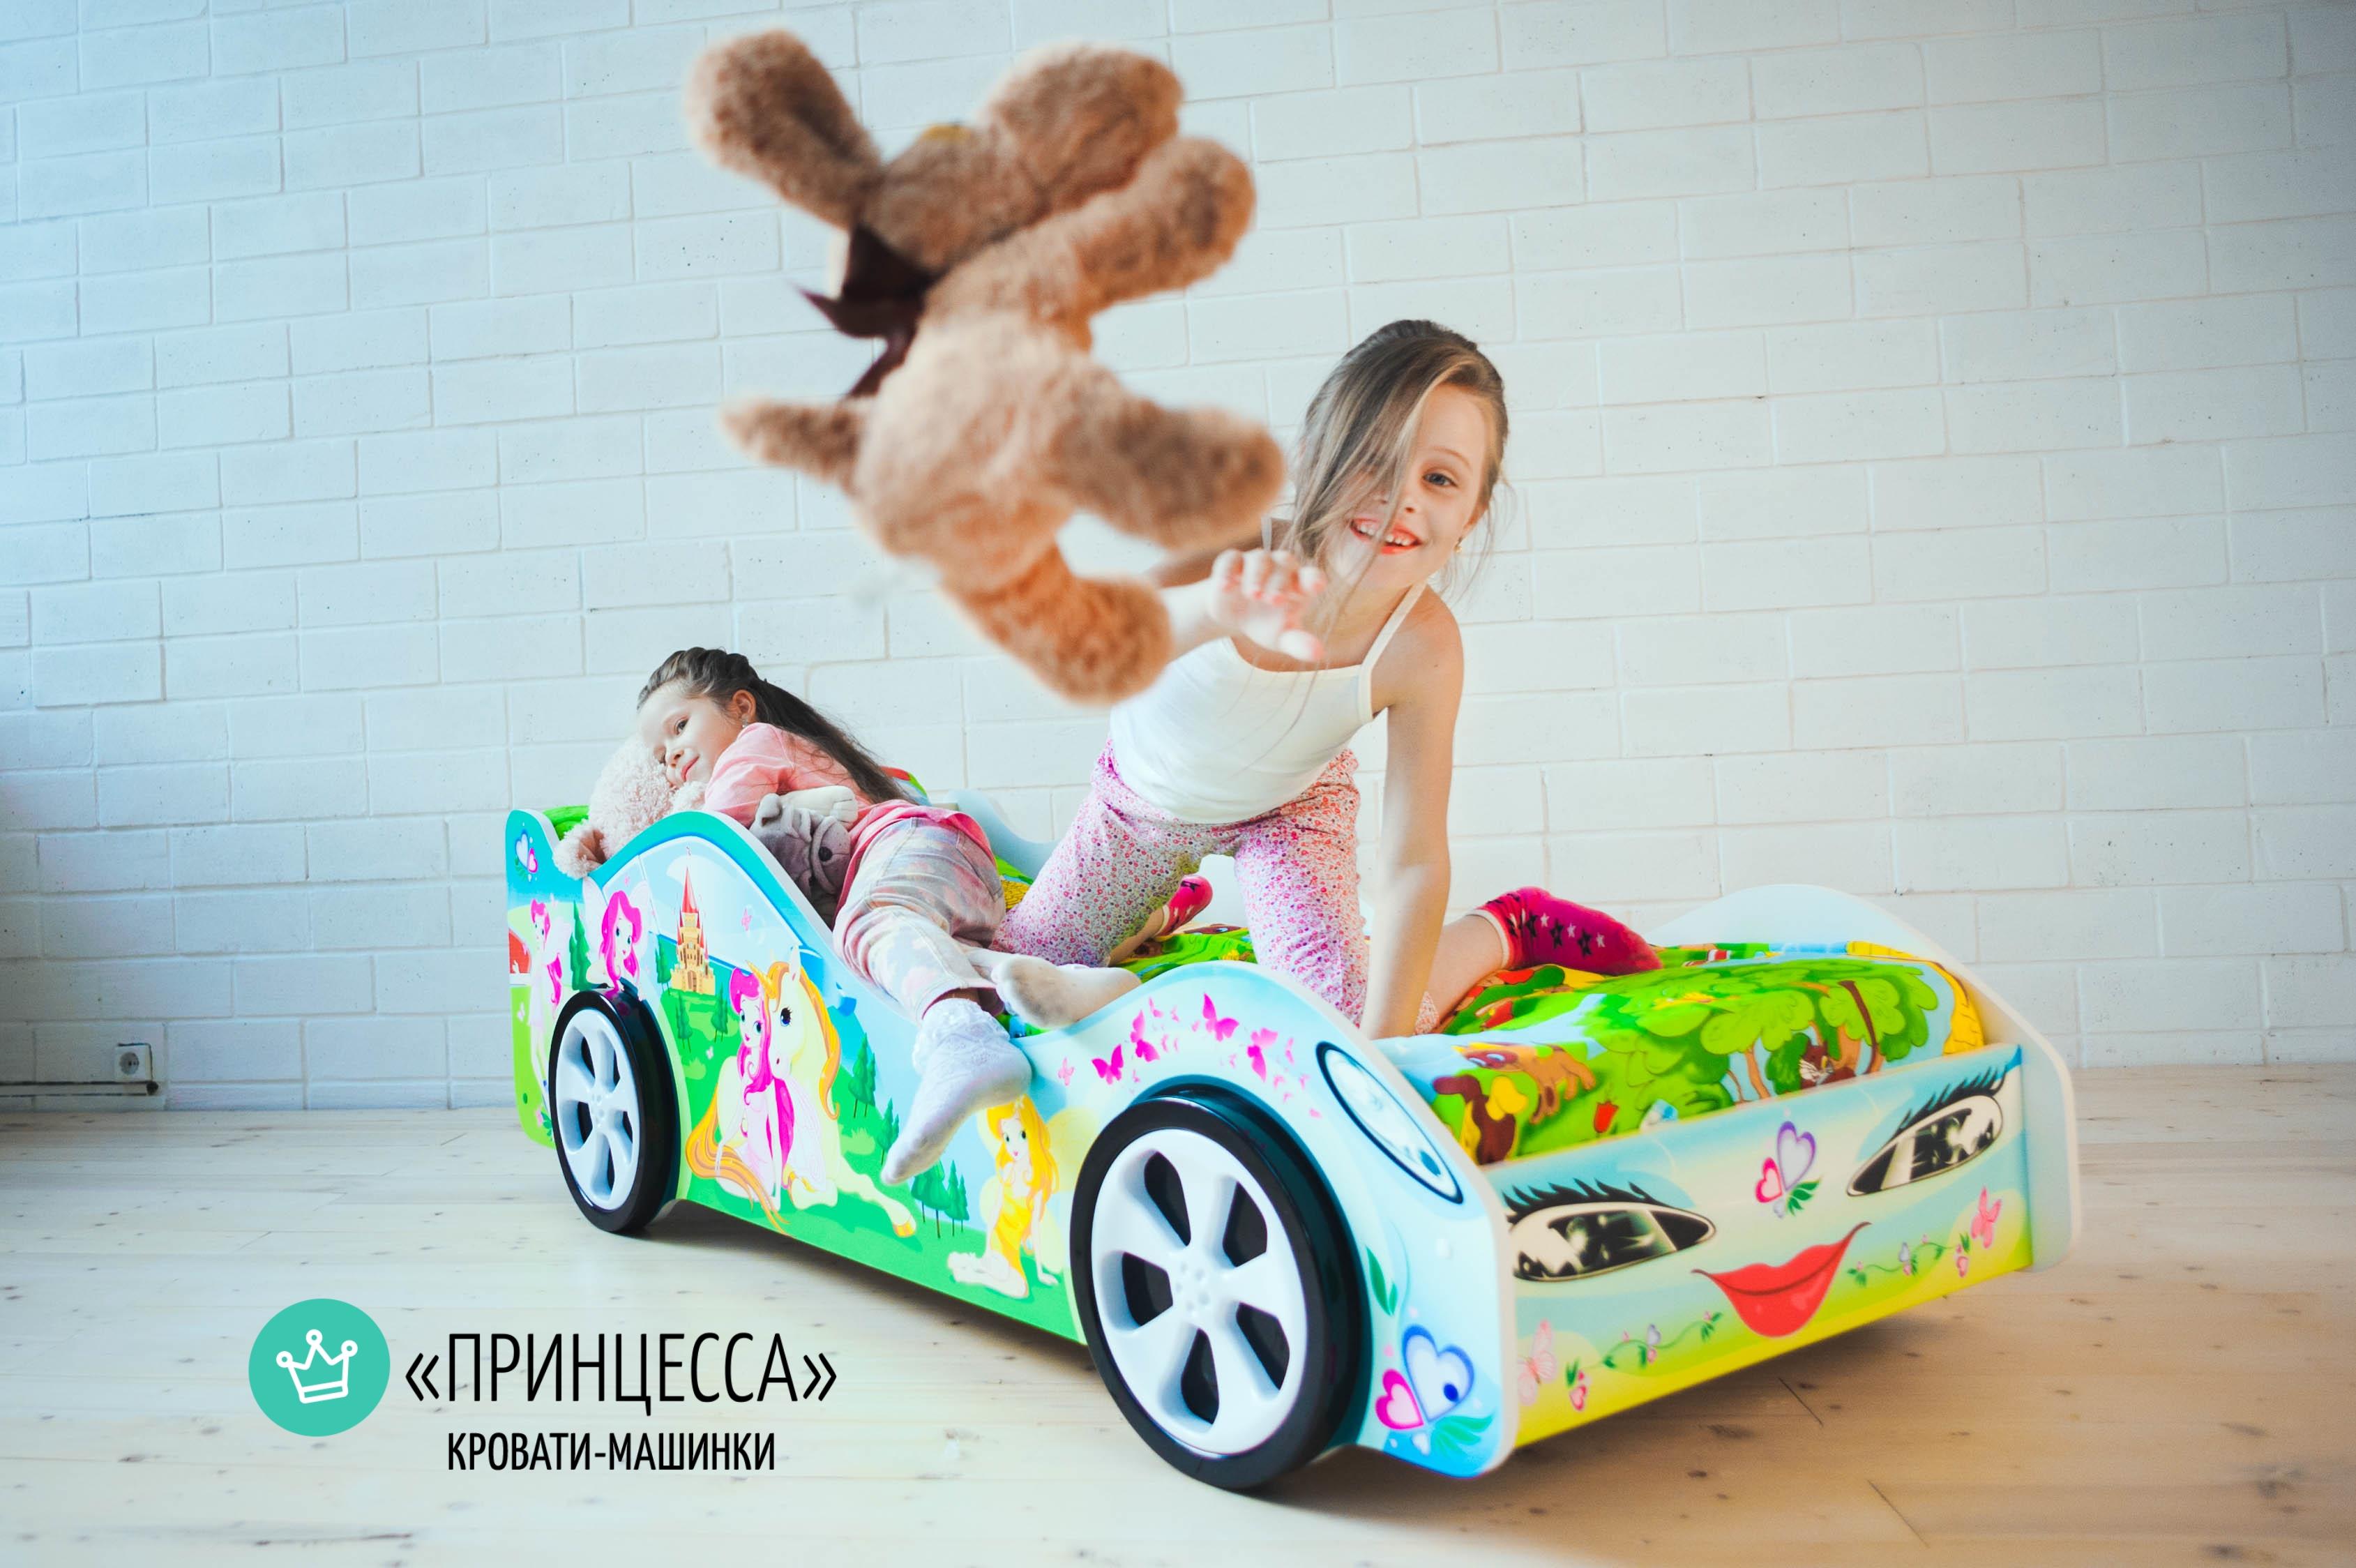 Детская кровать-машина -Принцесса-3